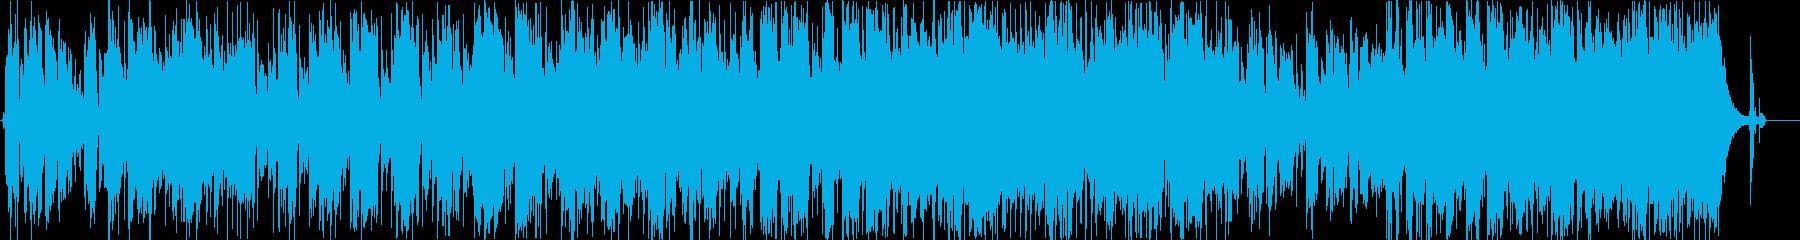 ユニバースの再生済みの波形